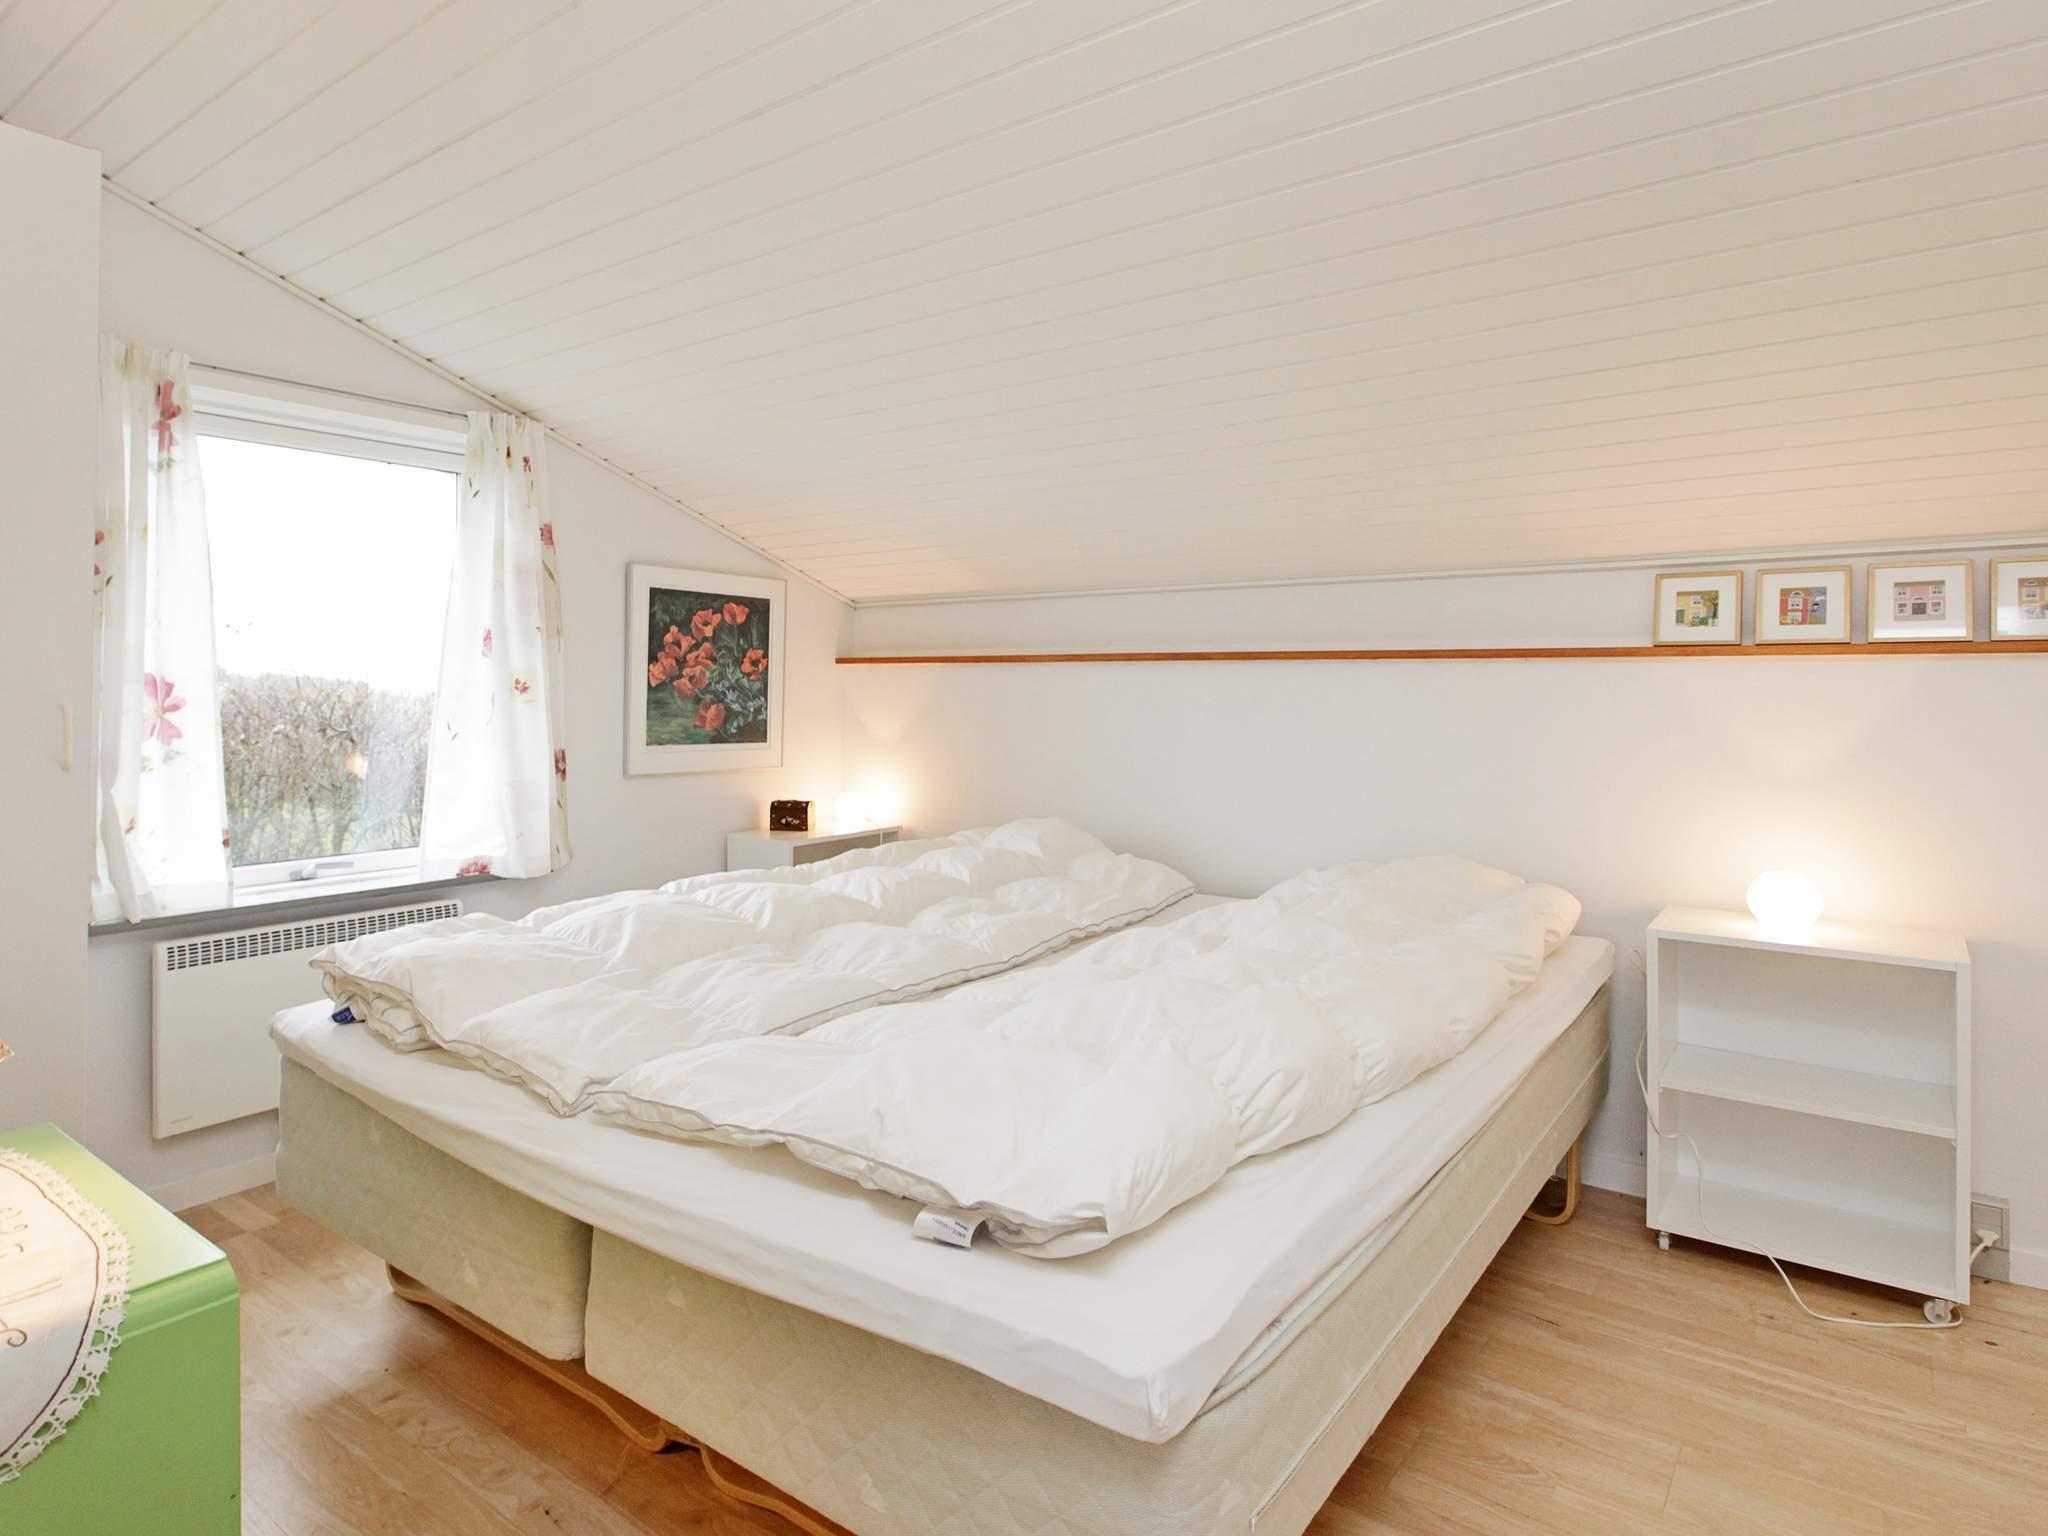 Ferienhaus Skyum Østerstrand (2355491), Skyum, , Limfjord, Dänemark, Bild 8